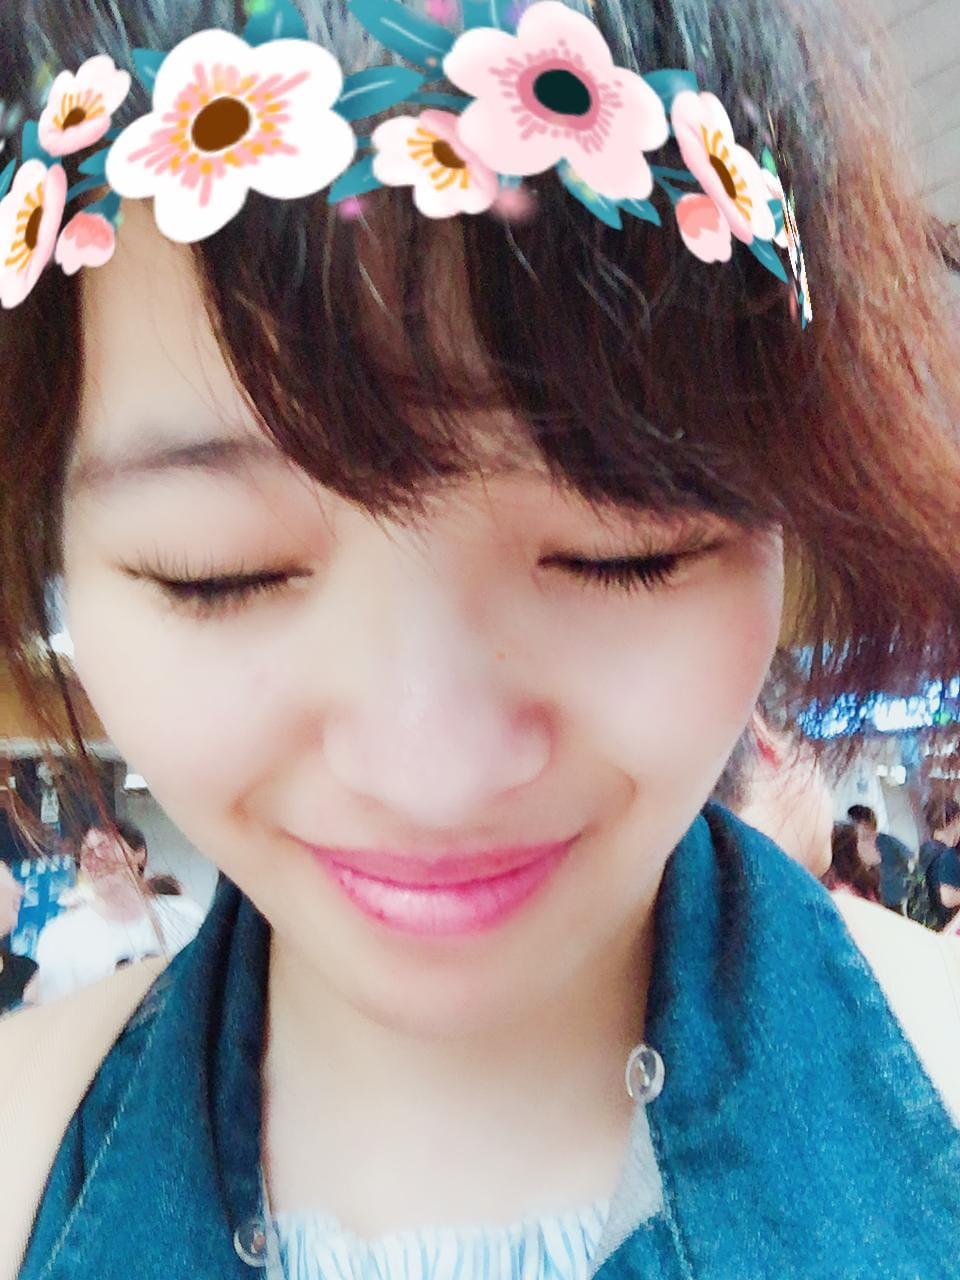 「こんばんわ〜」07/02(07/02) 21:30   りょうの写メ・風俗動画